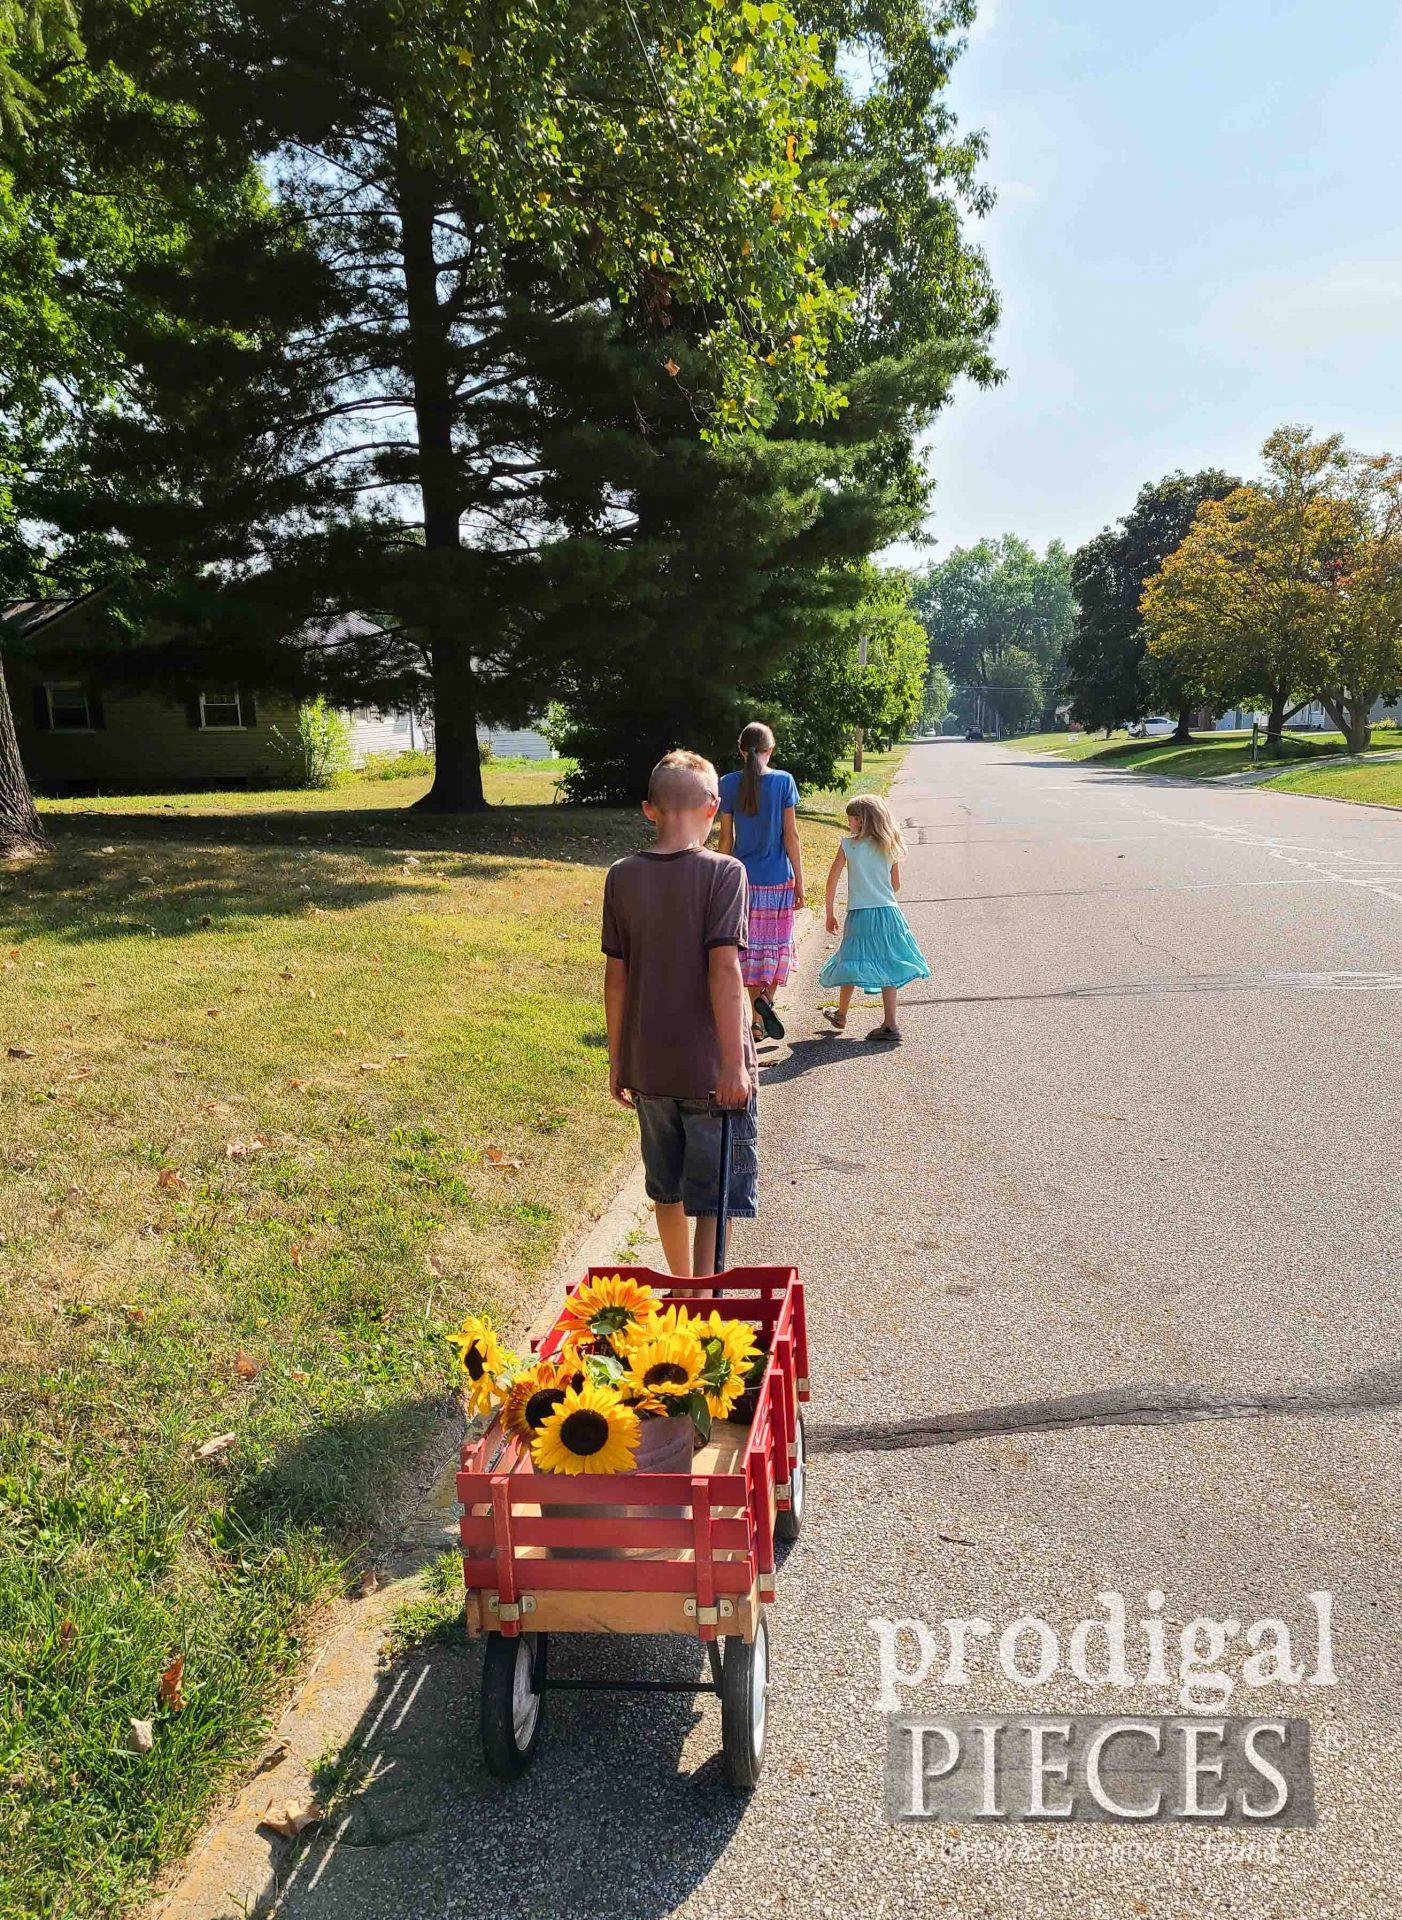 Kid Wagon with Sunflowers   prodigalpieces.com #prodigalpieces #garden